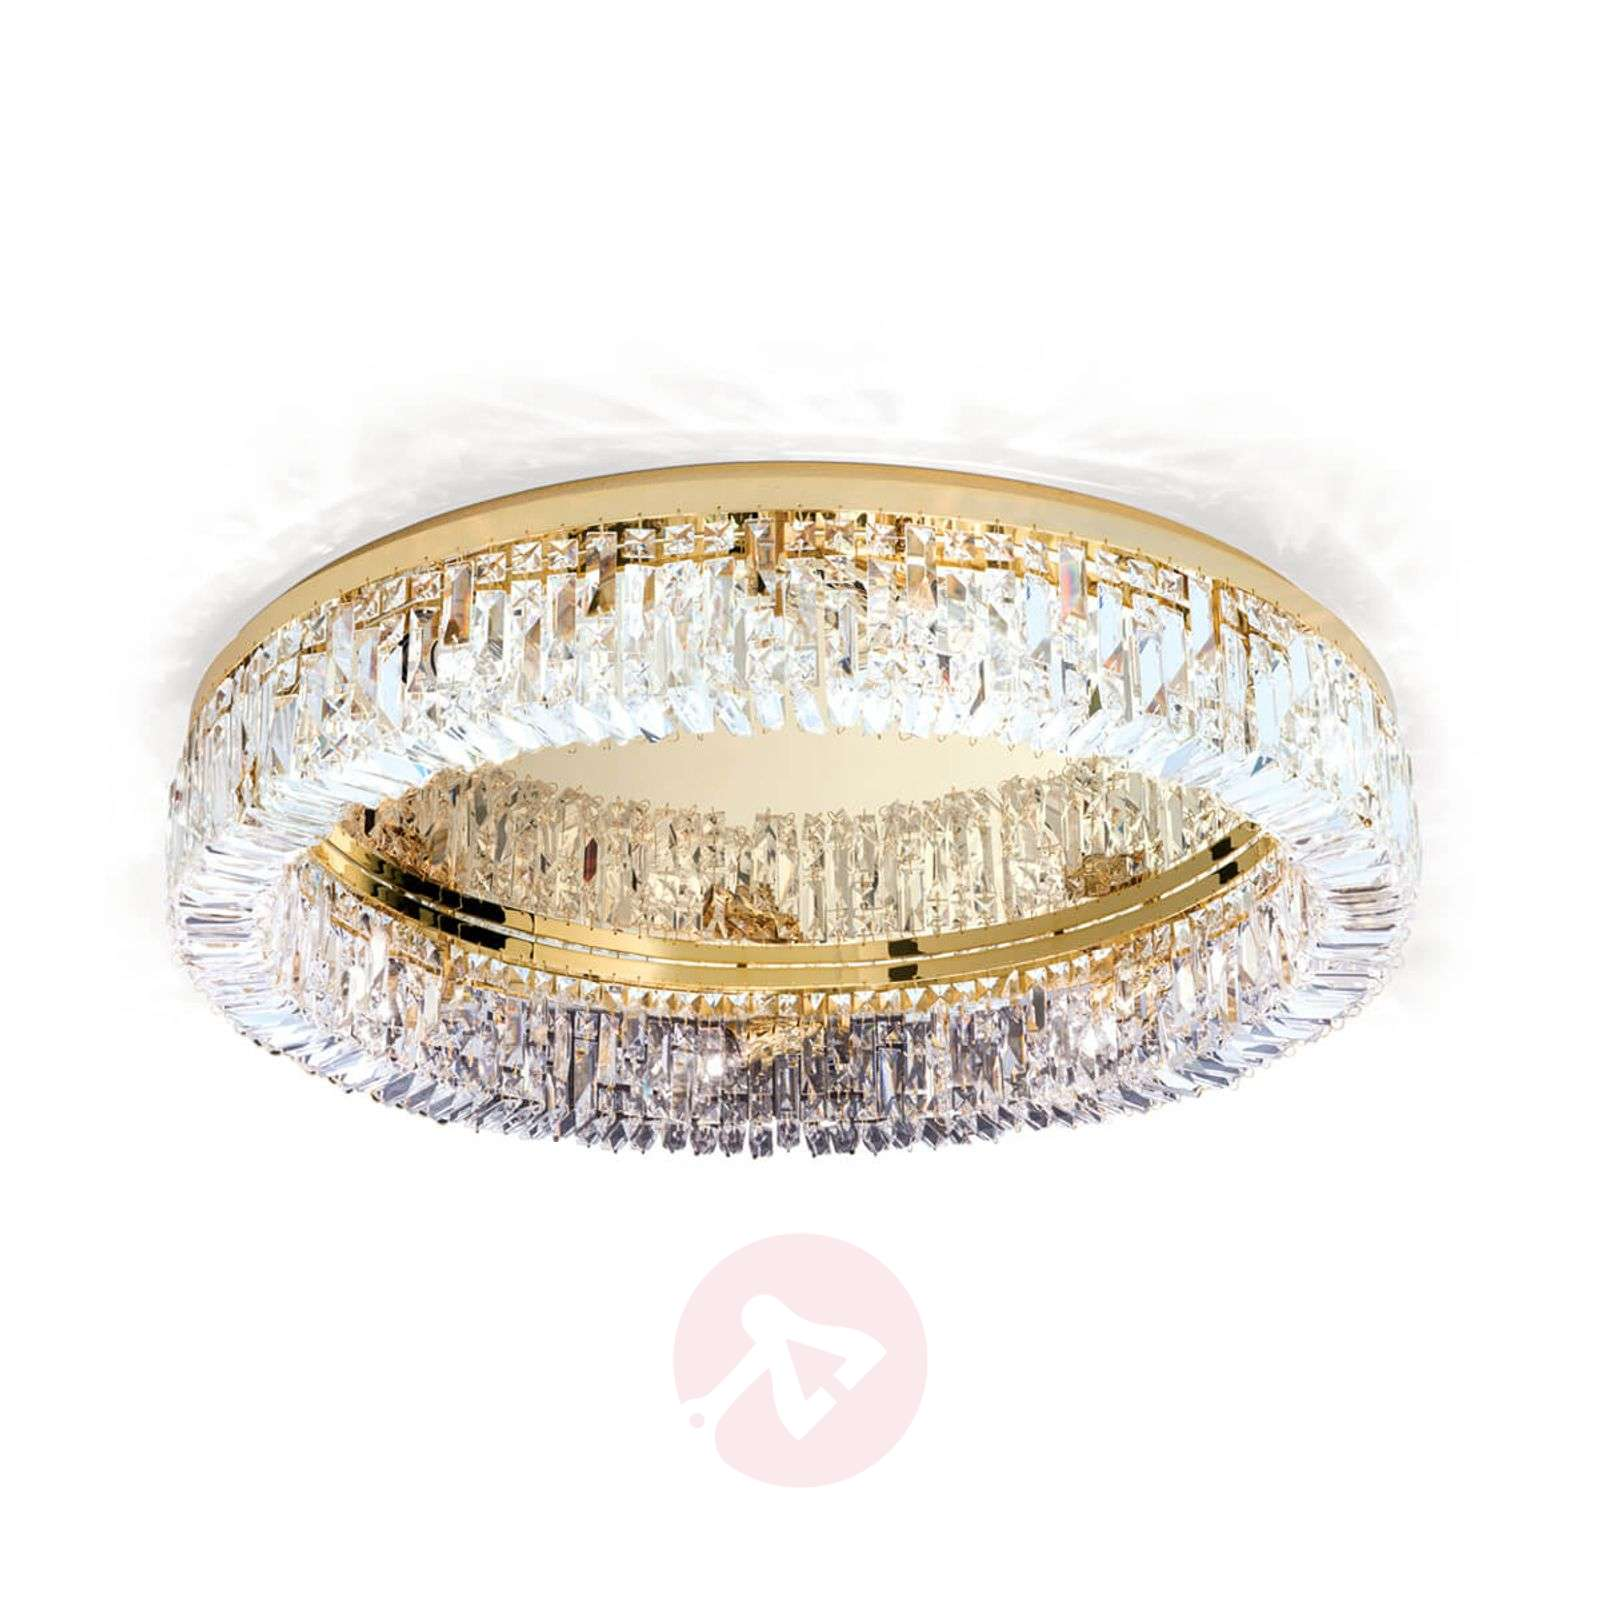 Ring-kristallikattolamppu 24 karaatin kultauksella-7255252X-01